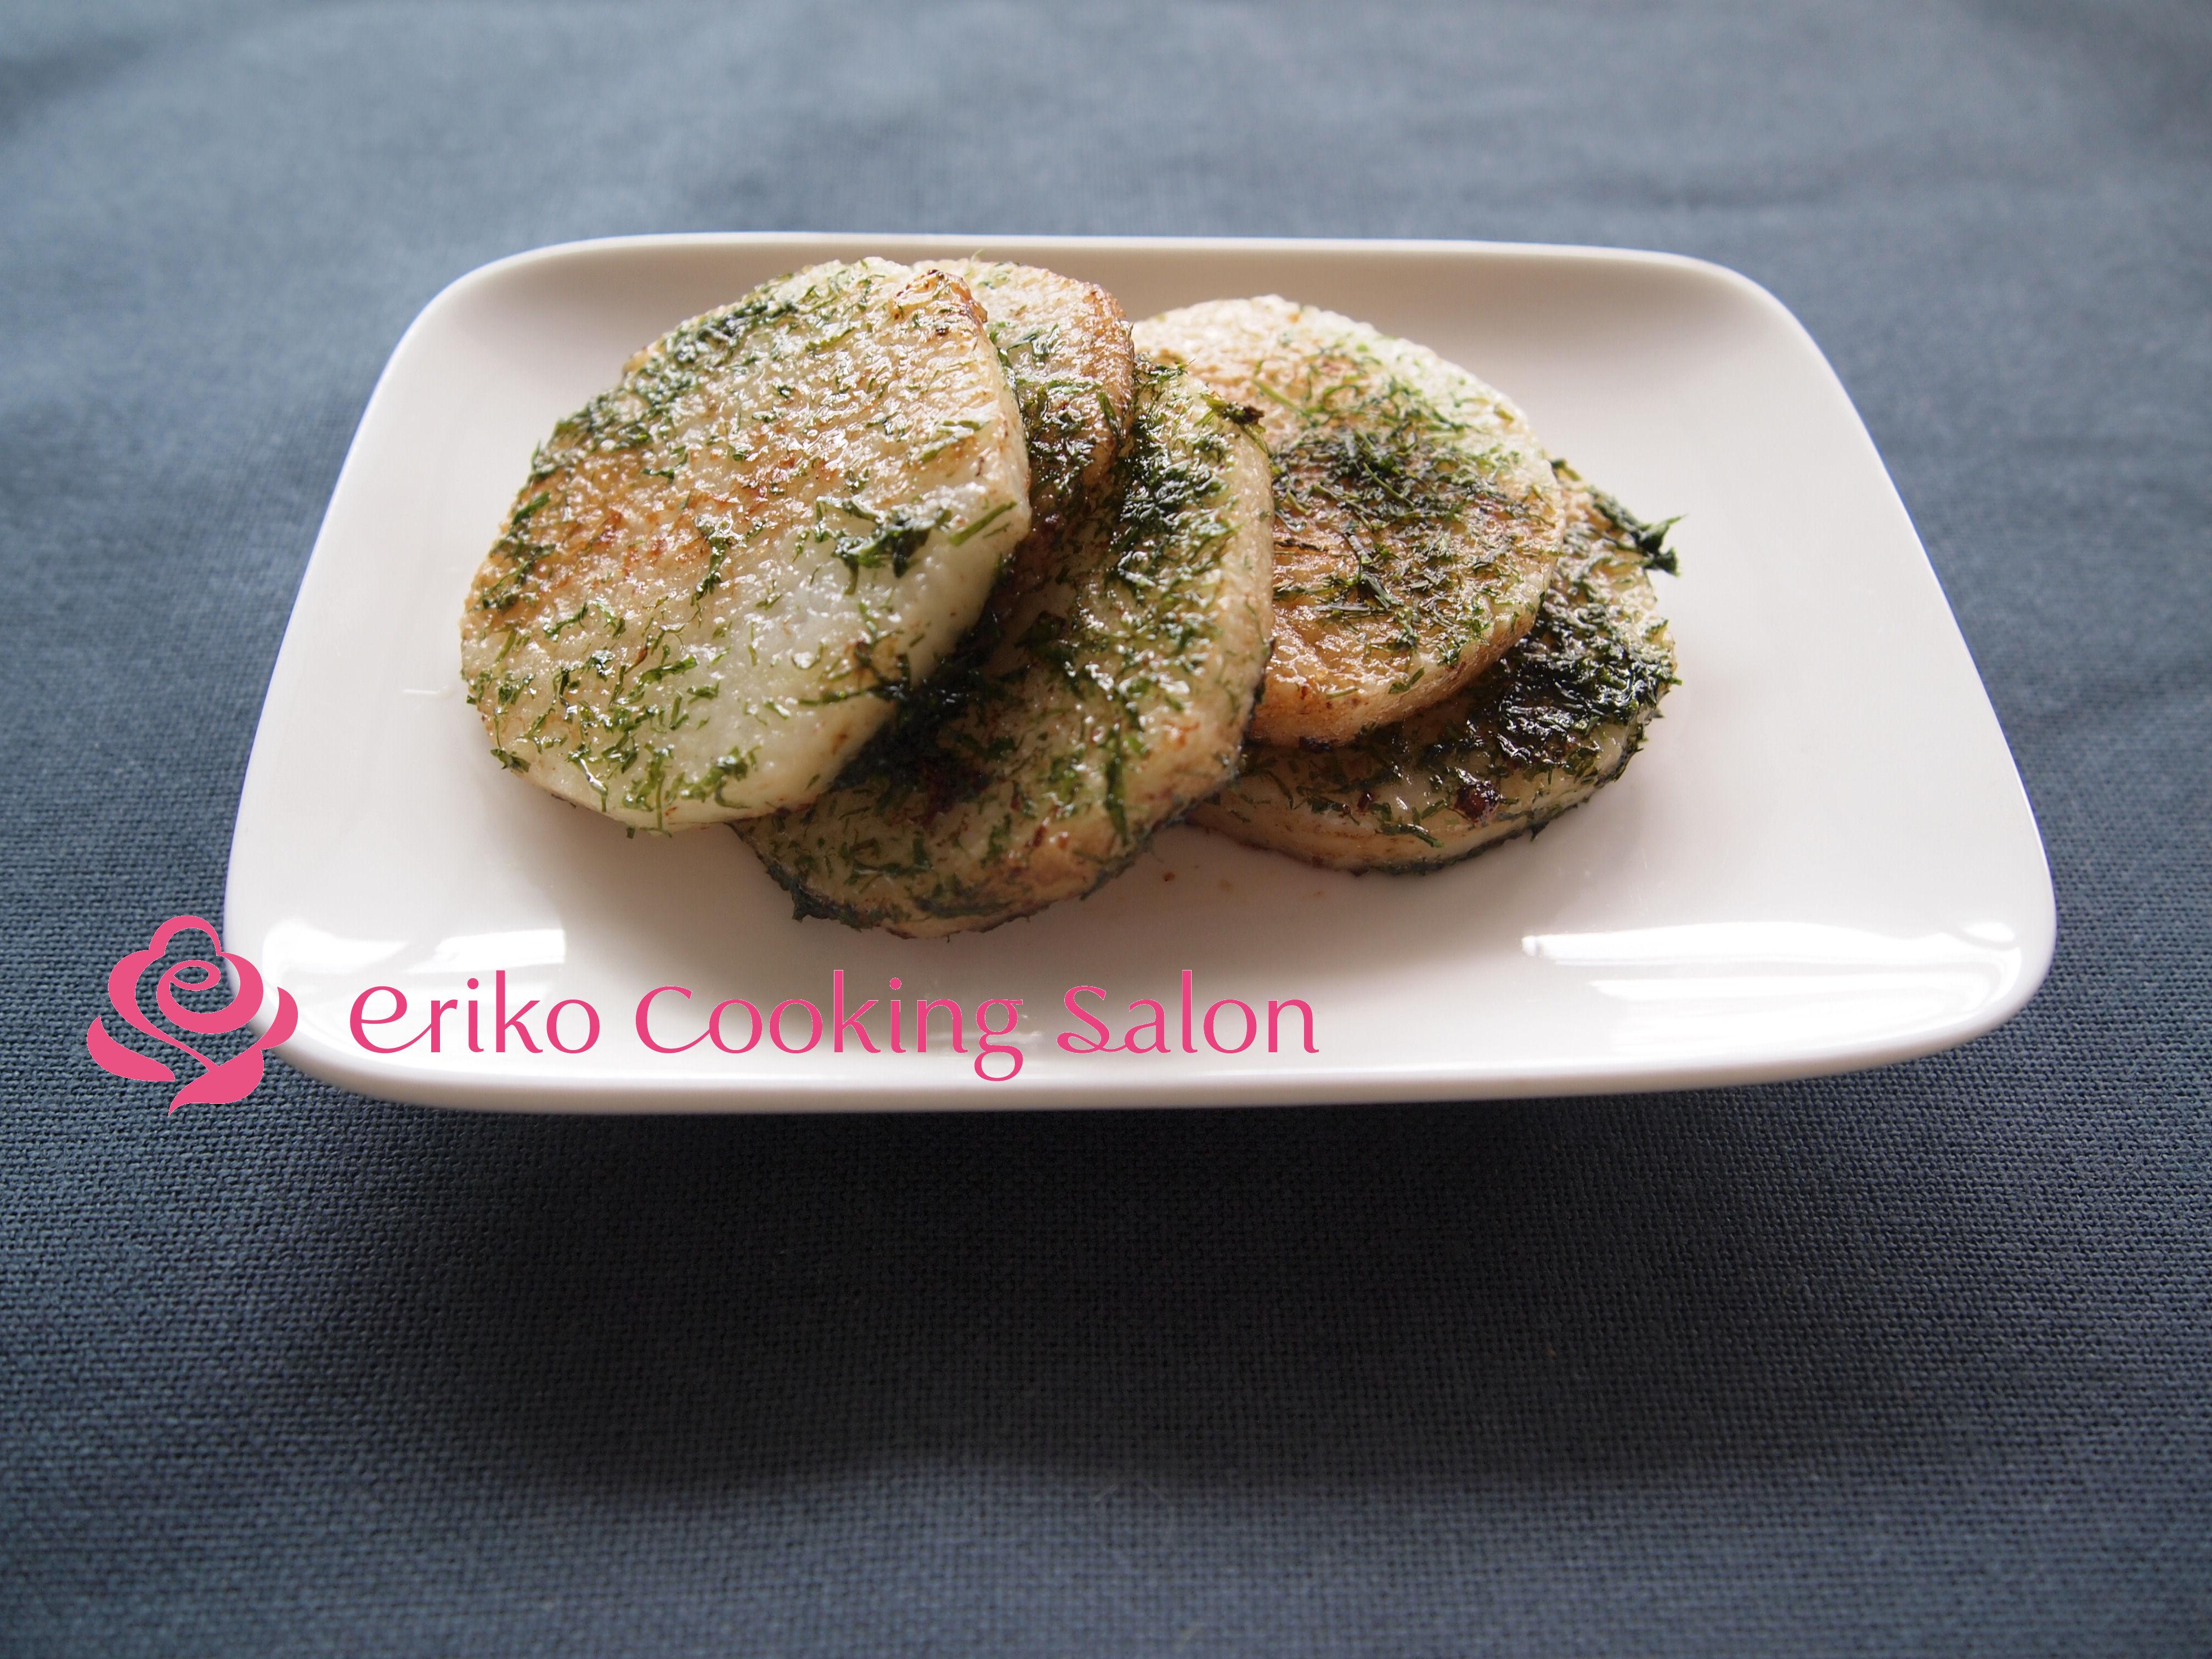 [5分でできる副菜]長芋のバターしょうゆ焼き